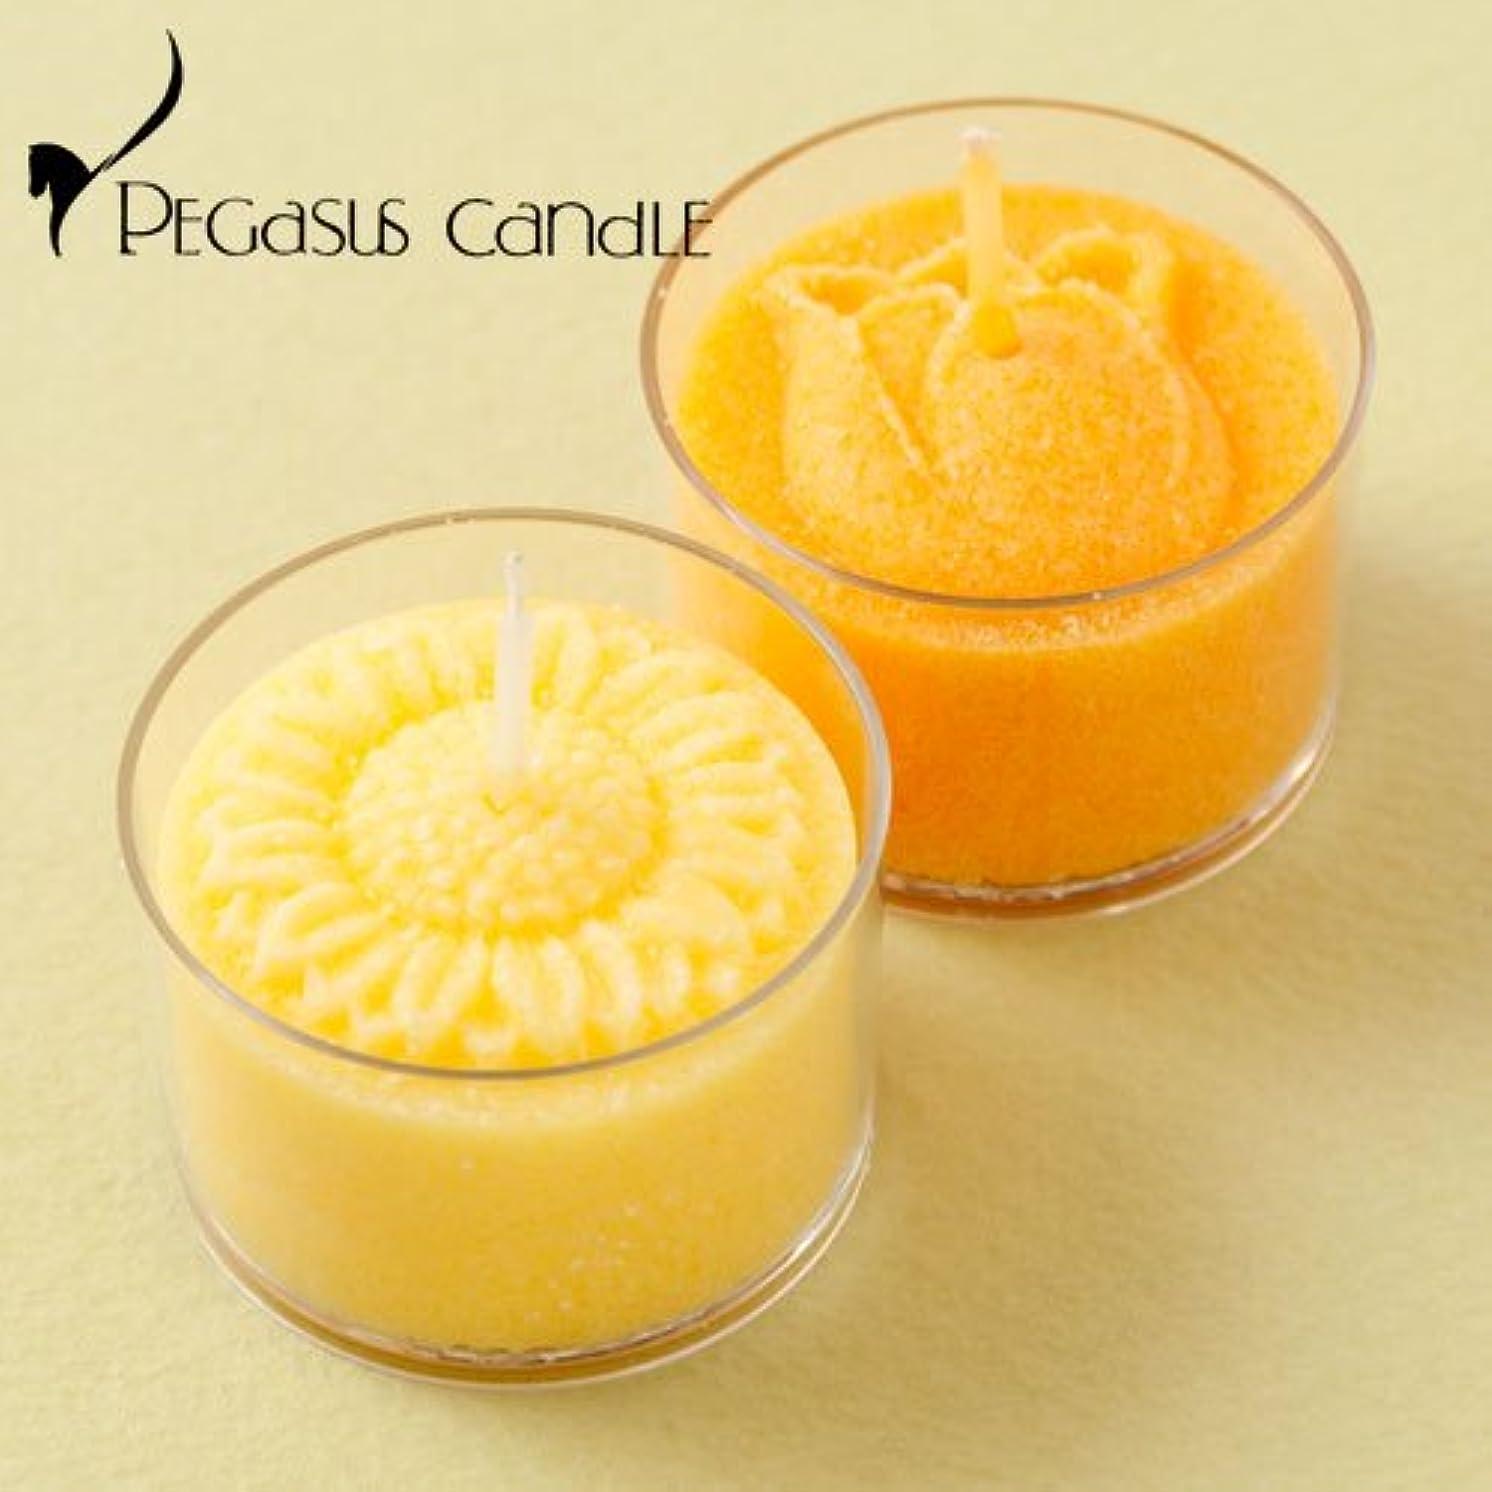 浮浪者アジア強打花暦ヒマワリ?チューリップ花の形のキャンドル2個セット(無香タイプ)ペガサスキャンドルFlower shaped candle